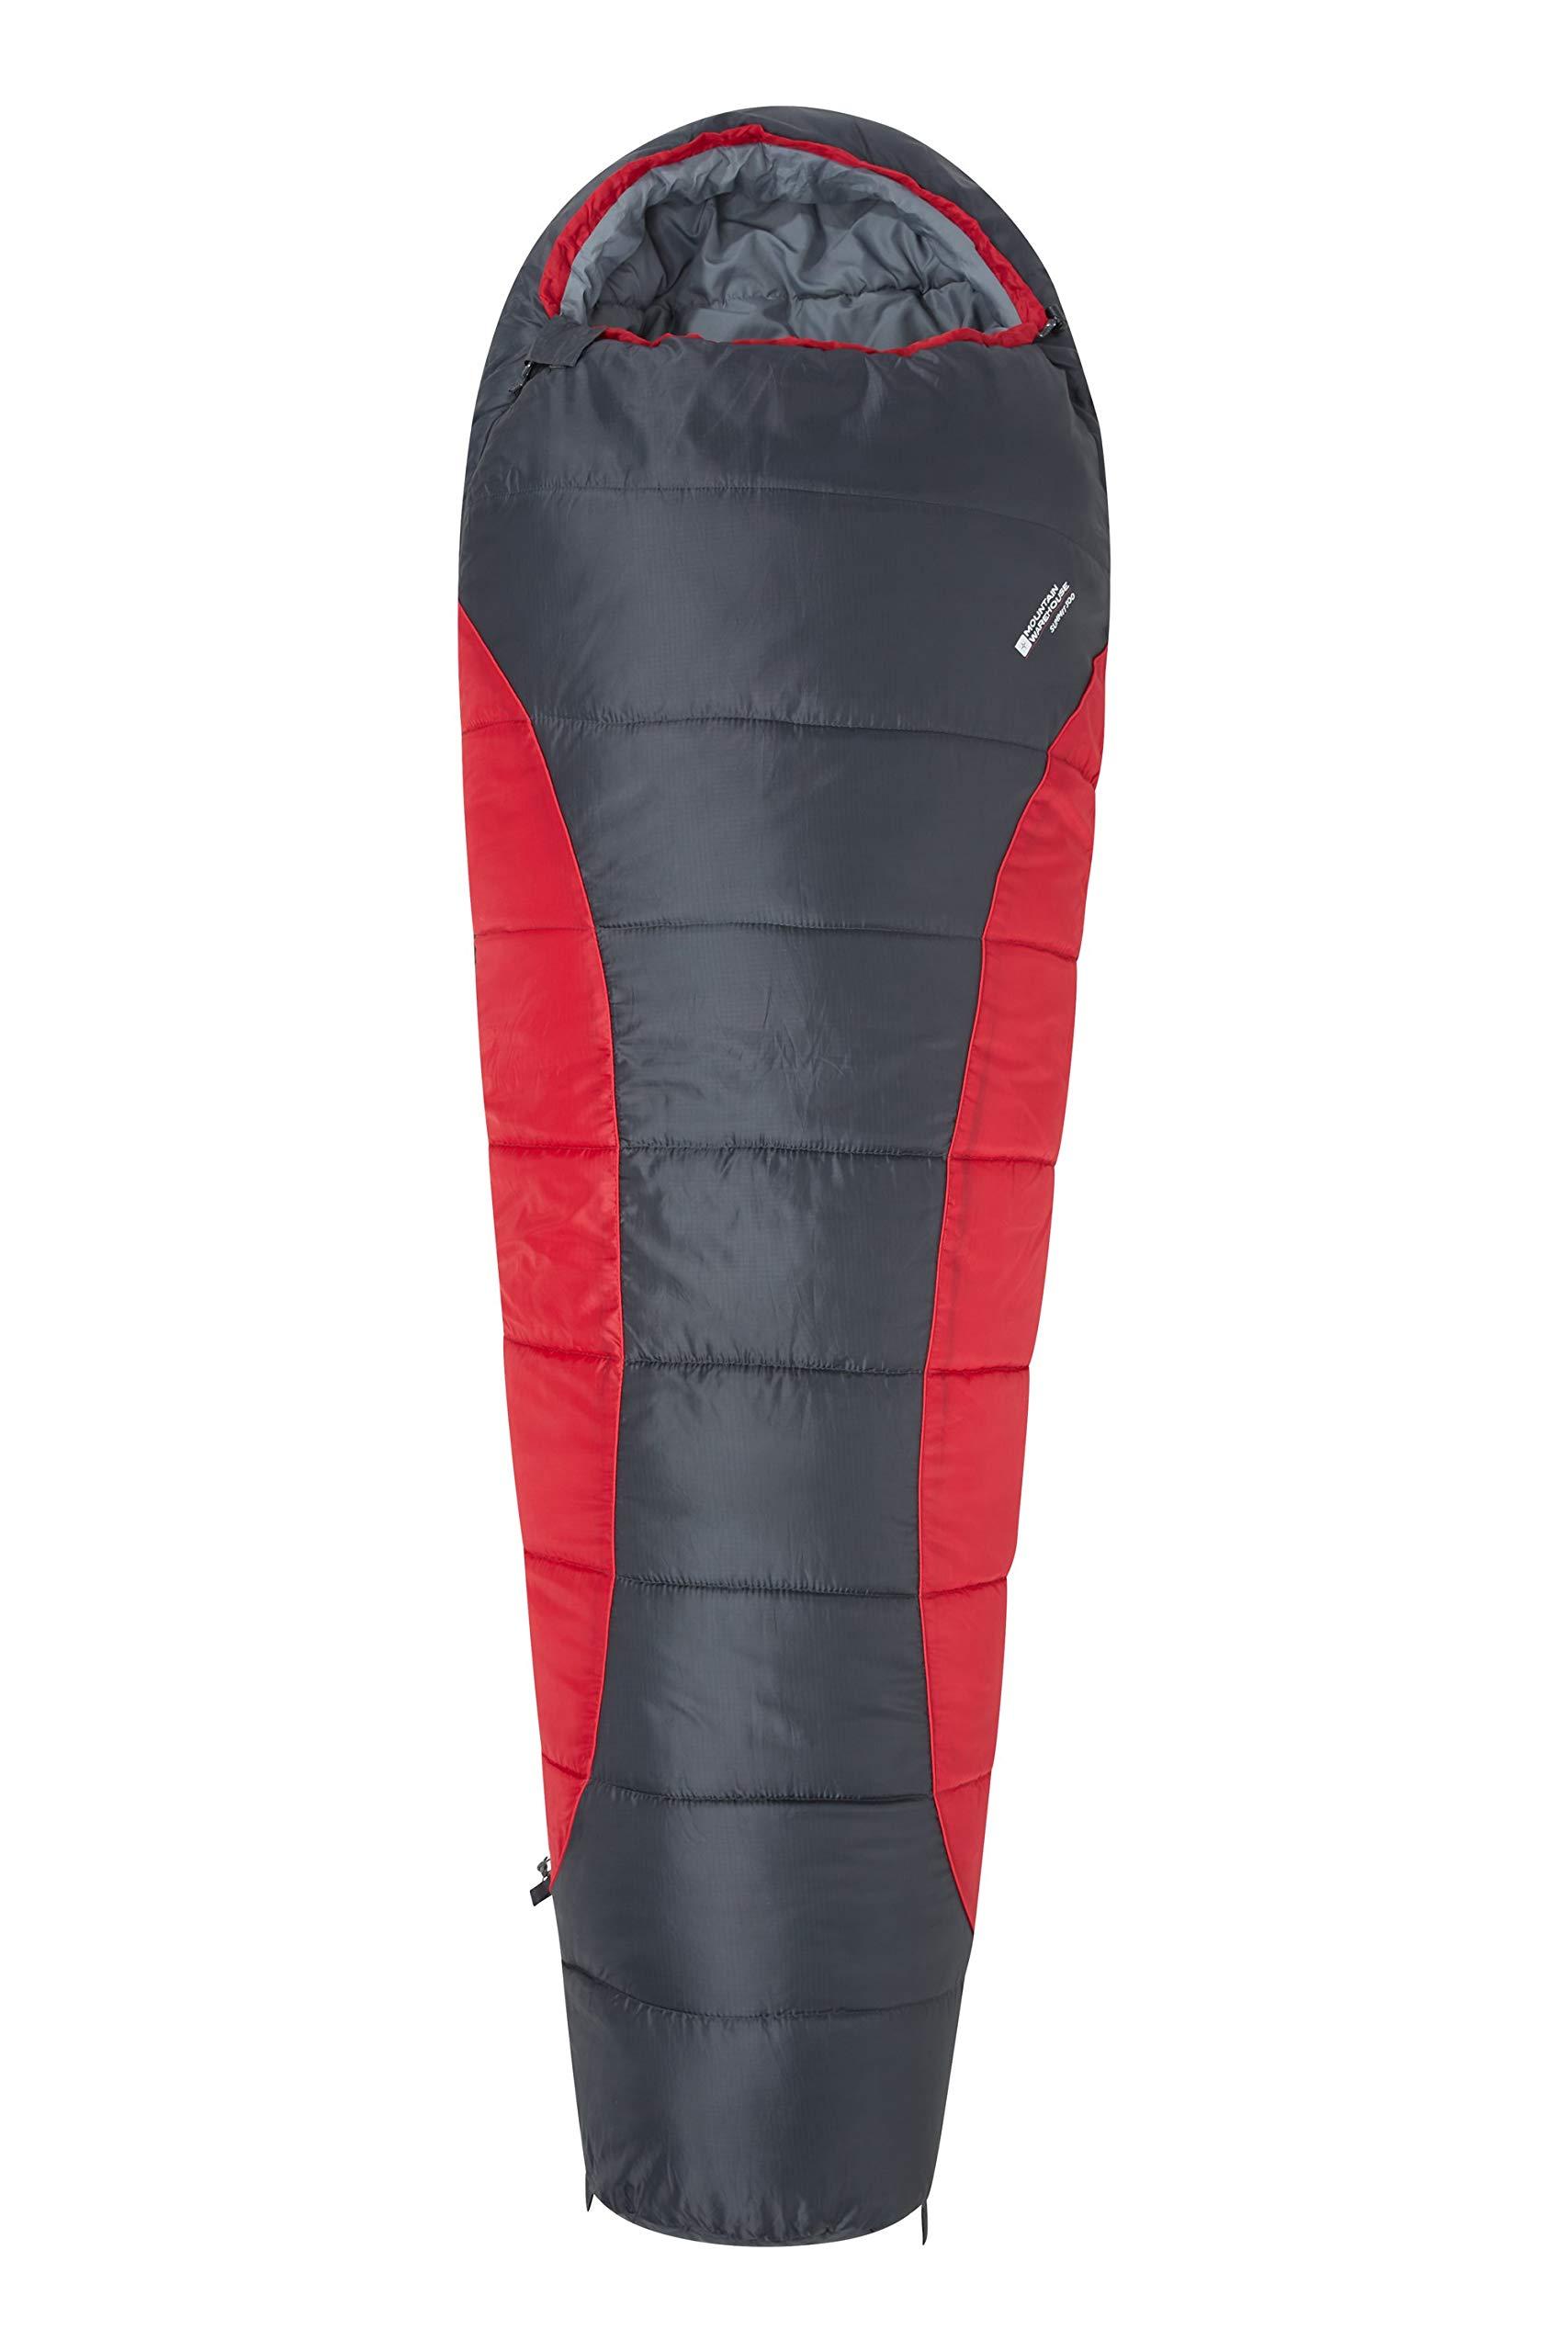 Mountain Warehouse Saco de Dormir Summit 300-23 x 41 cm - Cómodo, Saco de Dormir cálido product image